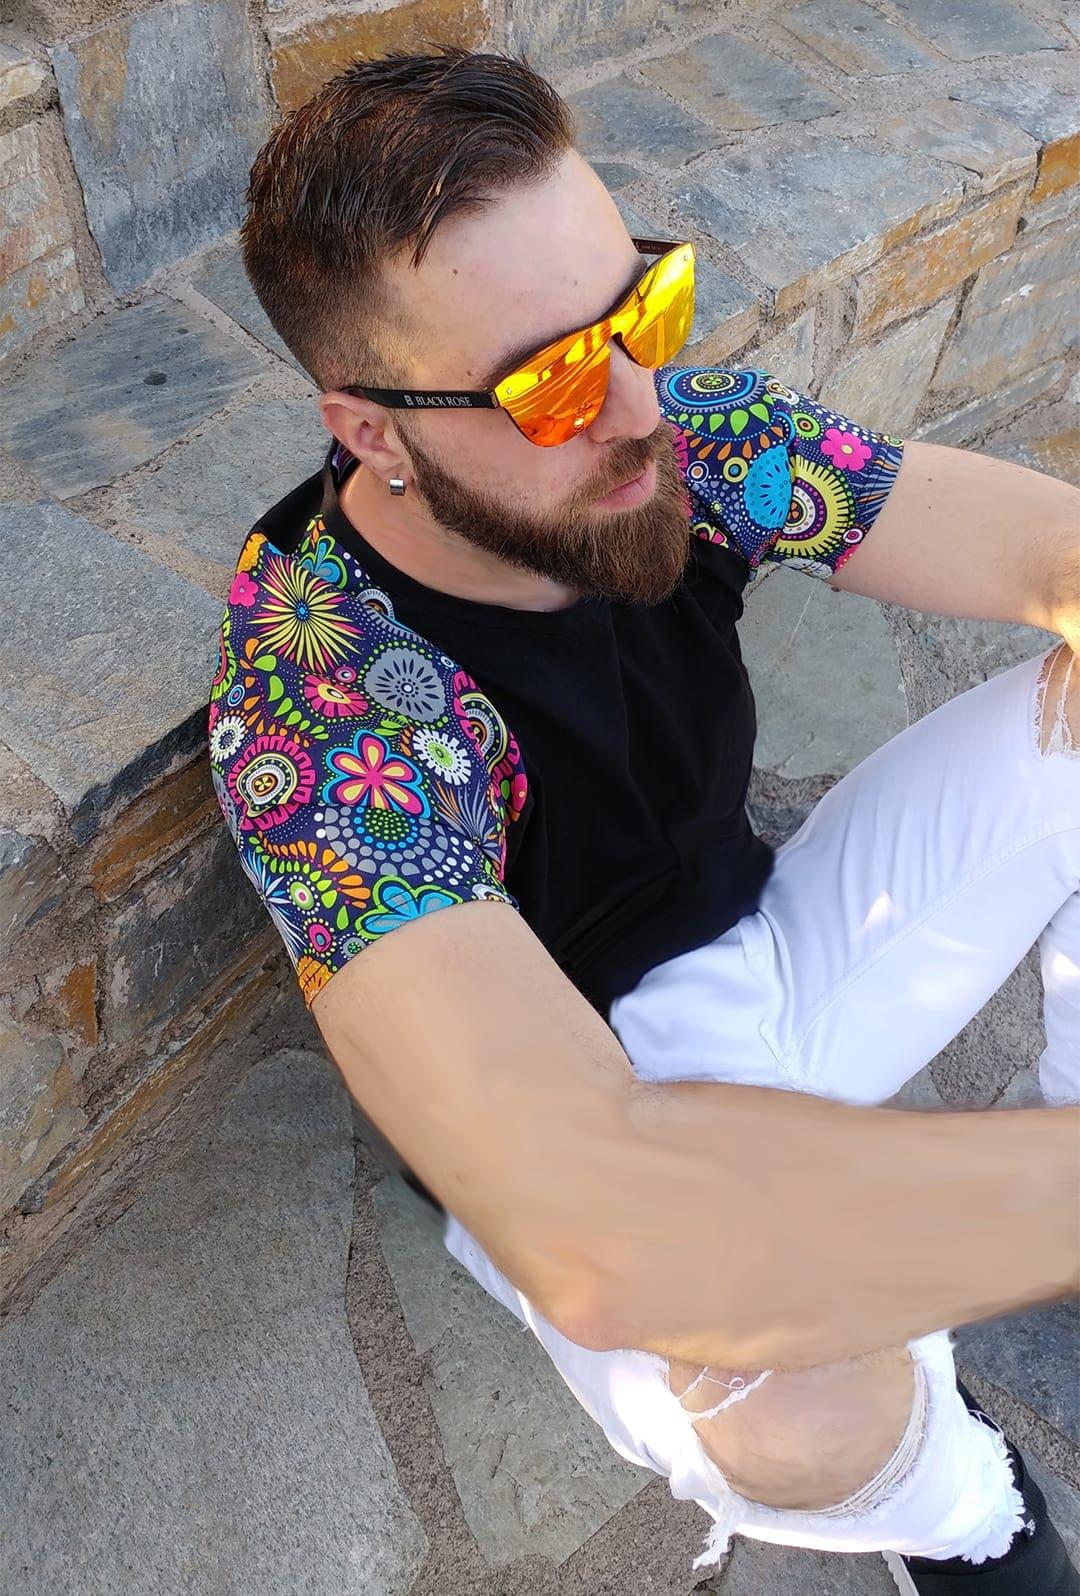 Γυαλιά ηλίου - sunglasses Black Rose Greece, γυαλιά ηλίου μάρκας, γυαλιά ηλίου Red Fire, ελληνικά γυαλιά ηλίου Black Rose sunglasses